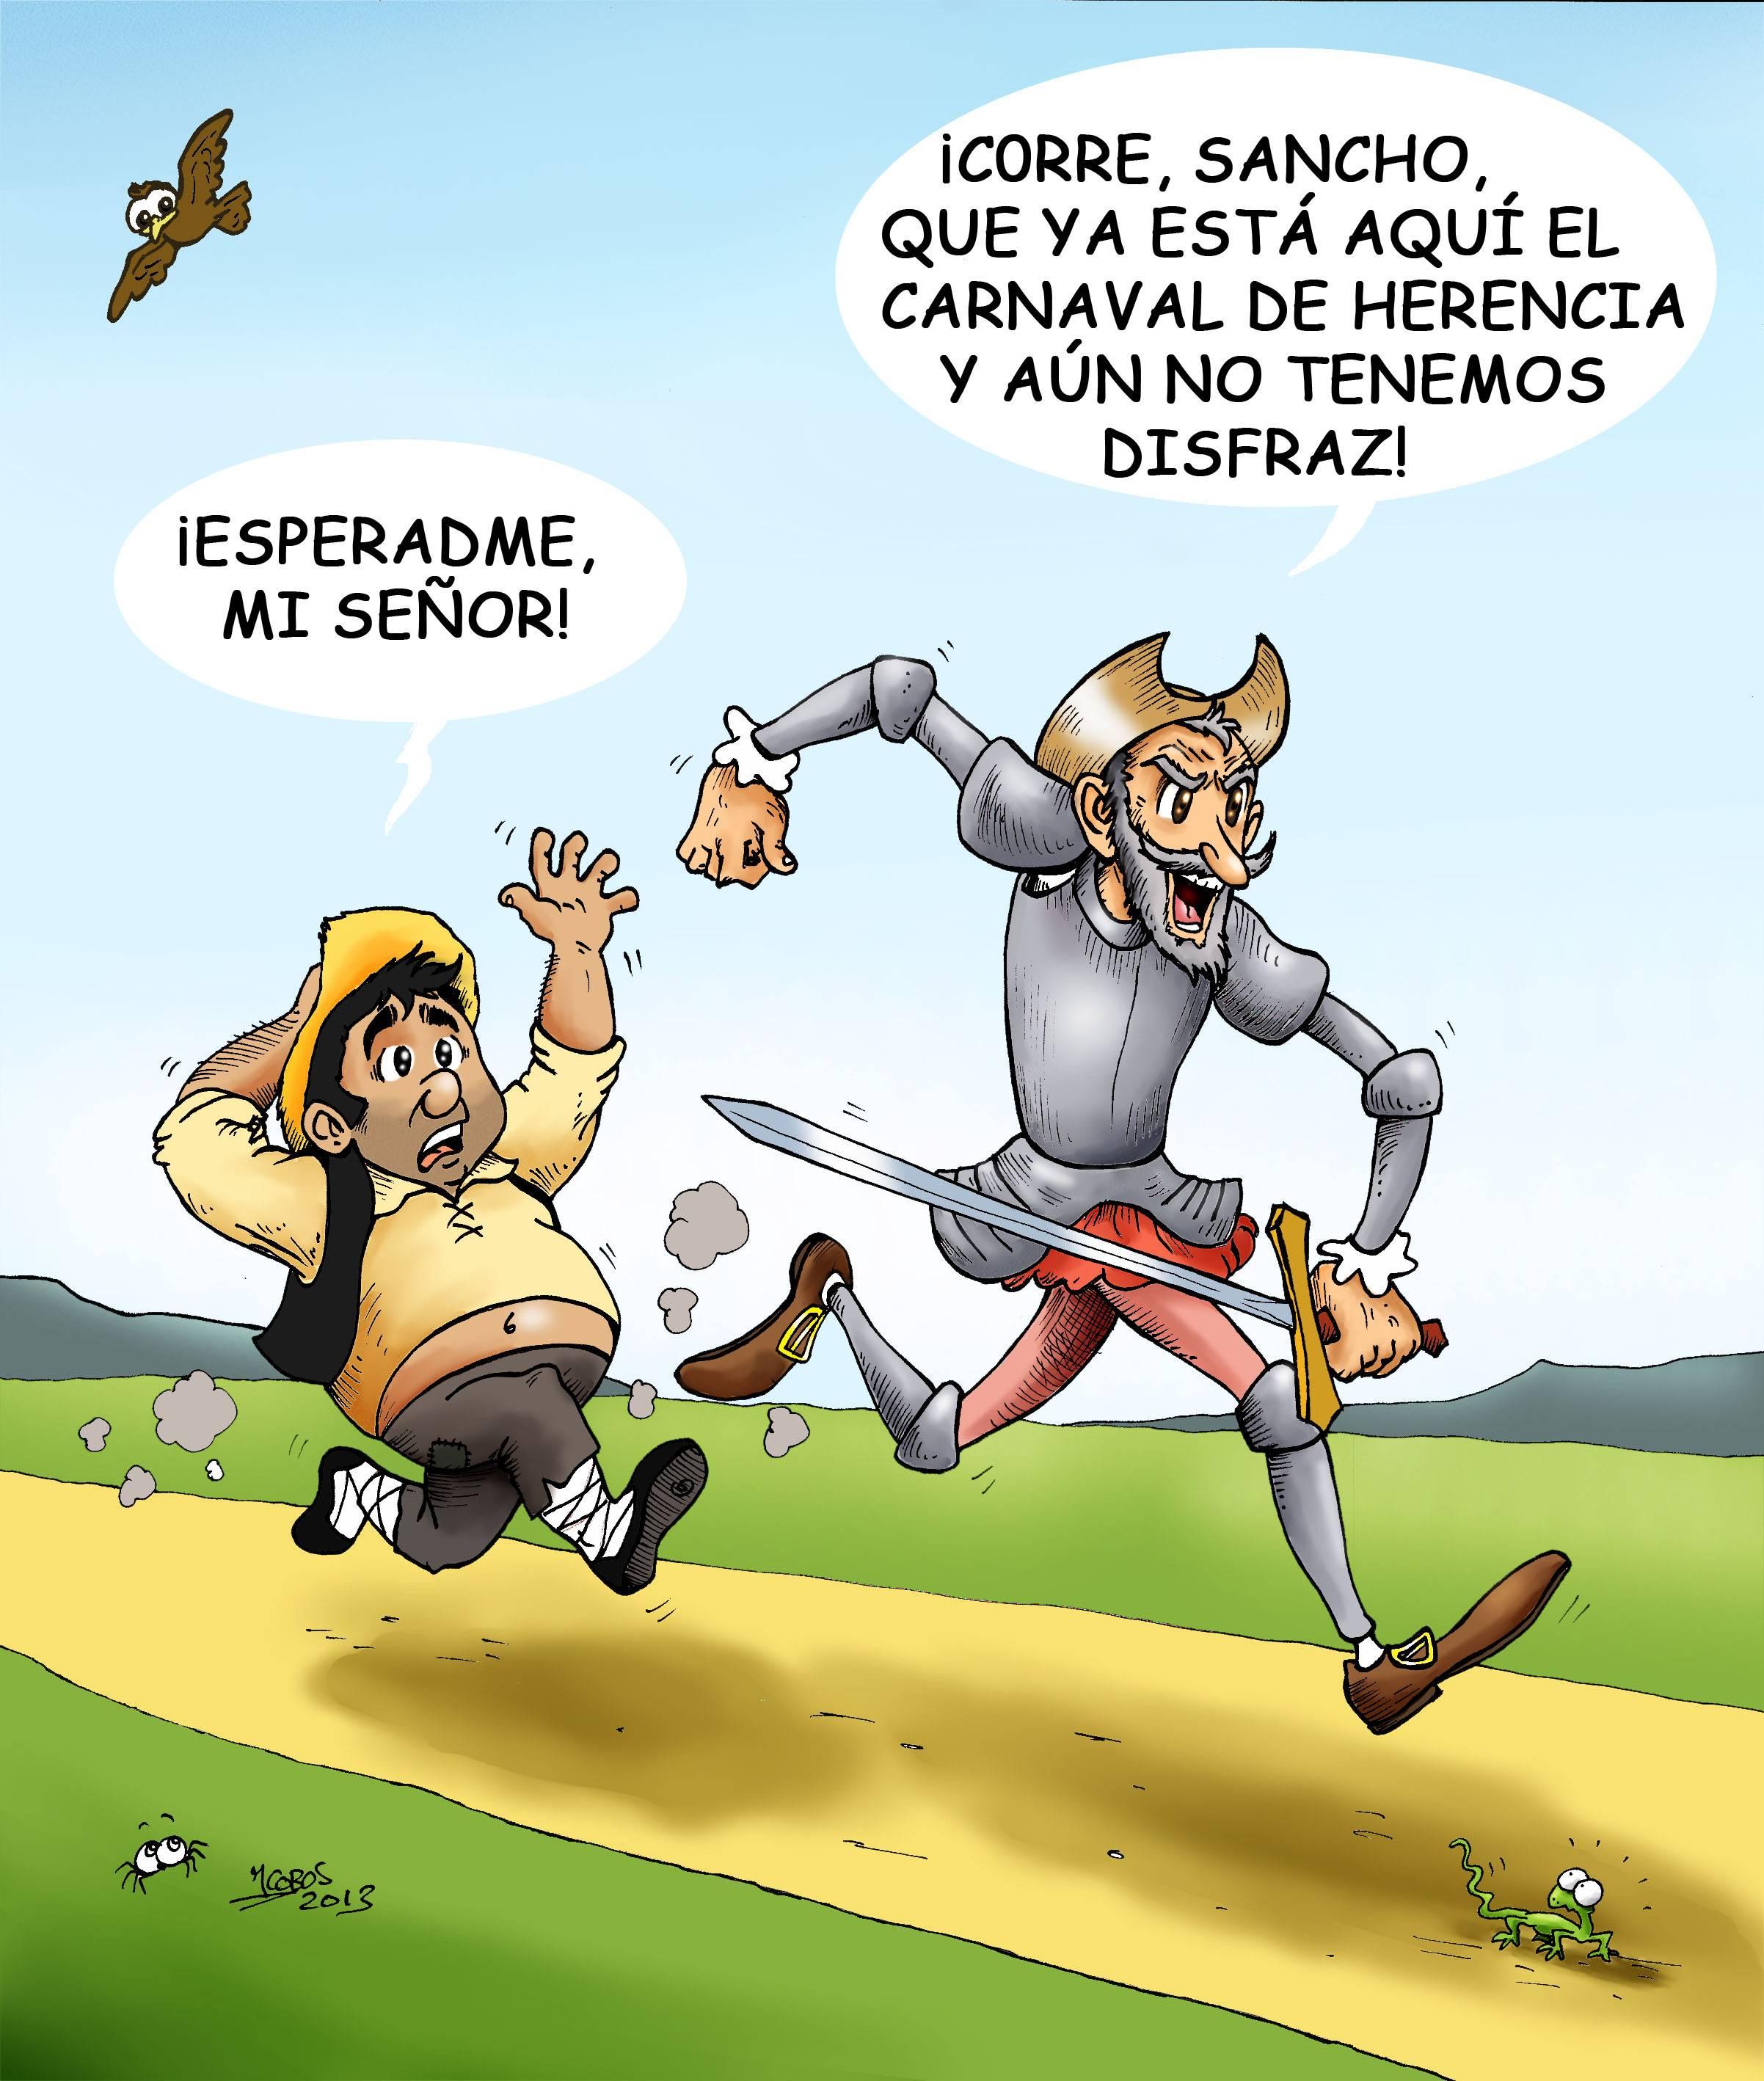 Sancho corre copia - Carnaval 2013: Sancho, corre!!